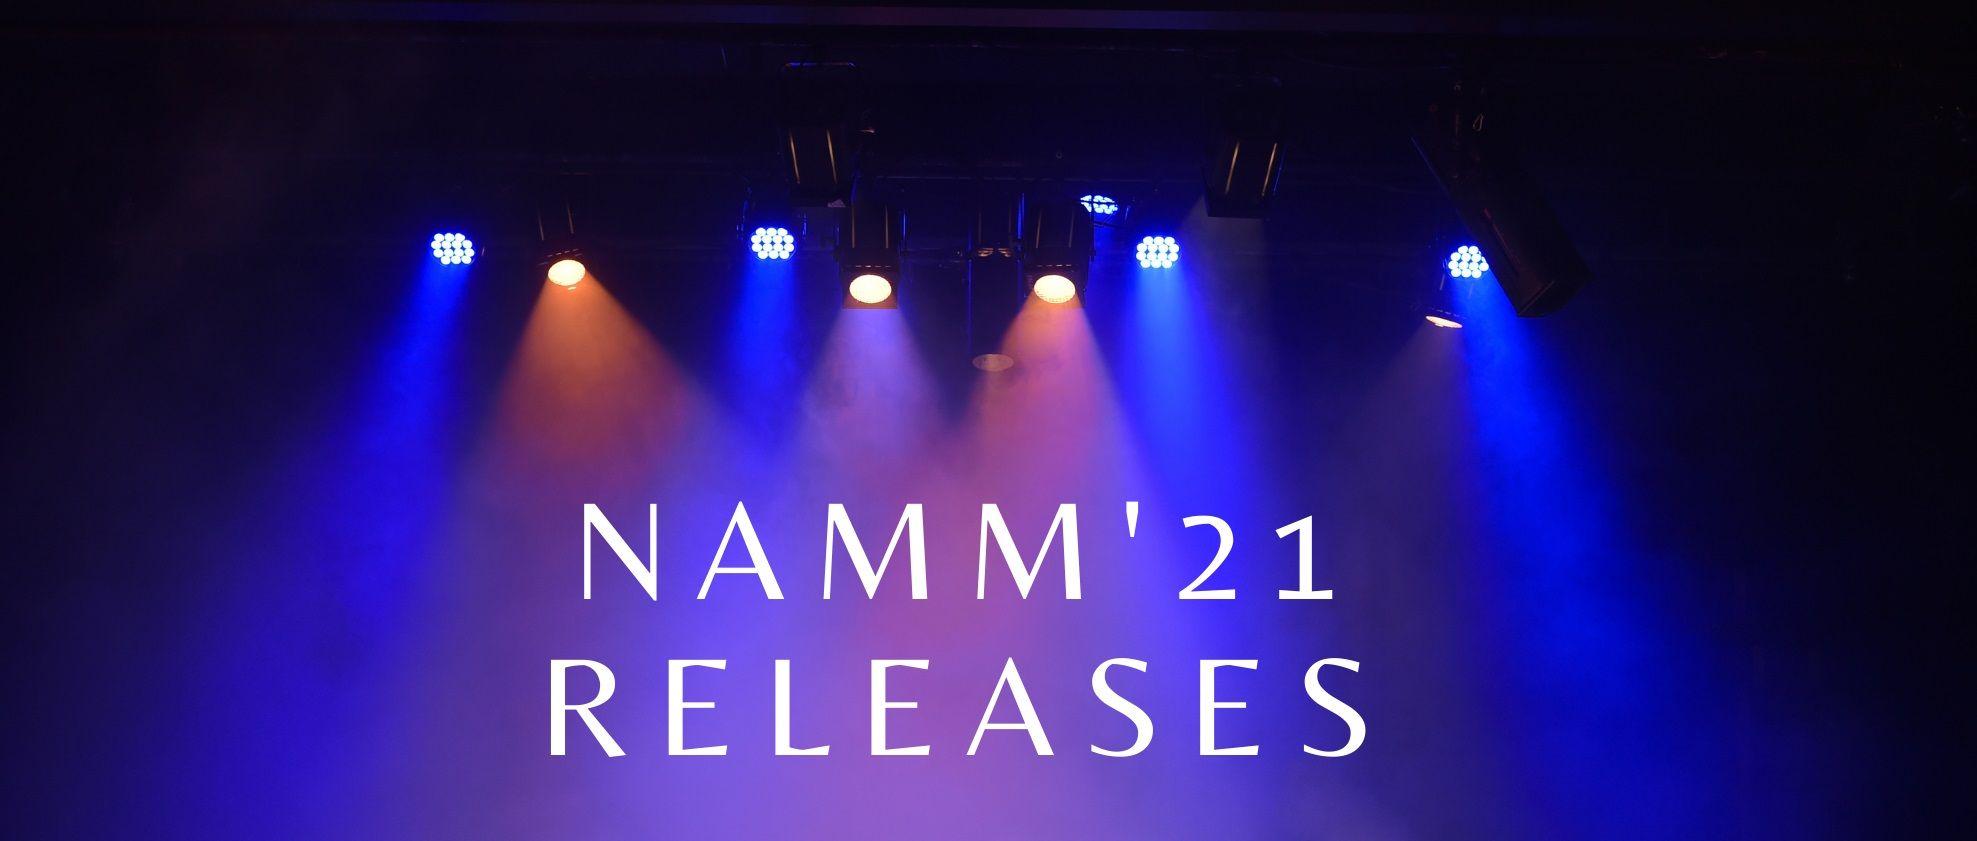 Namm '21 releases bij Oostendorp